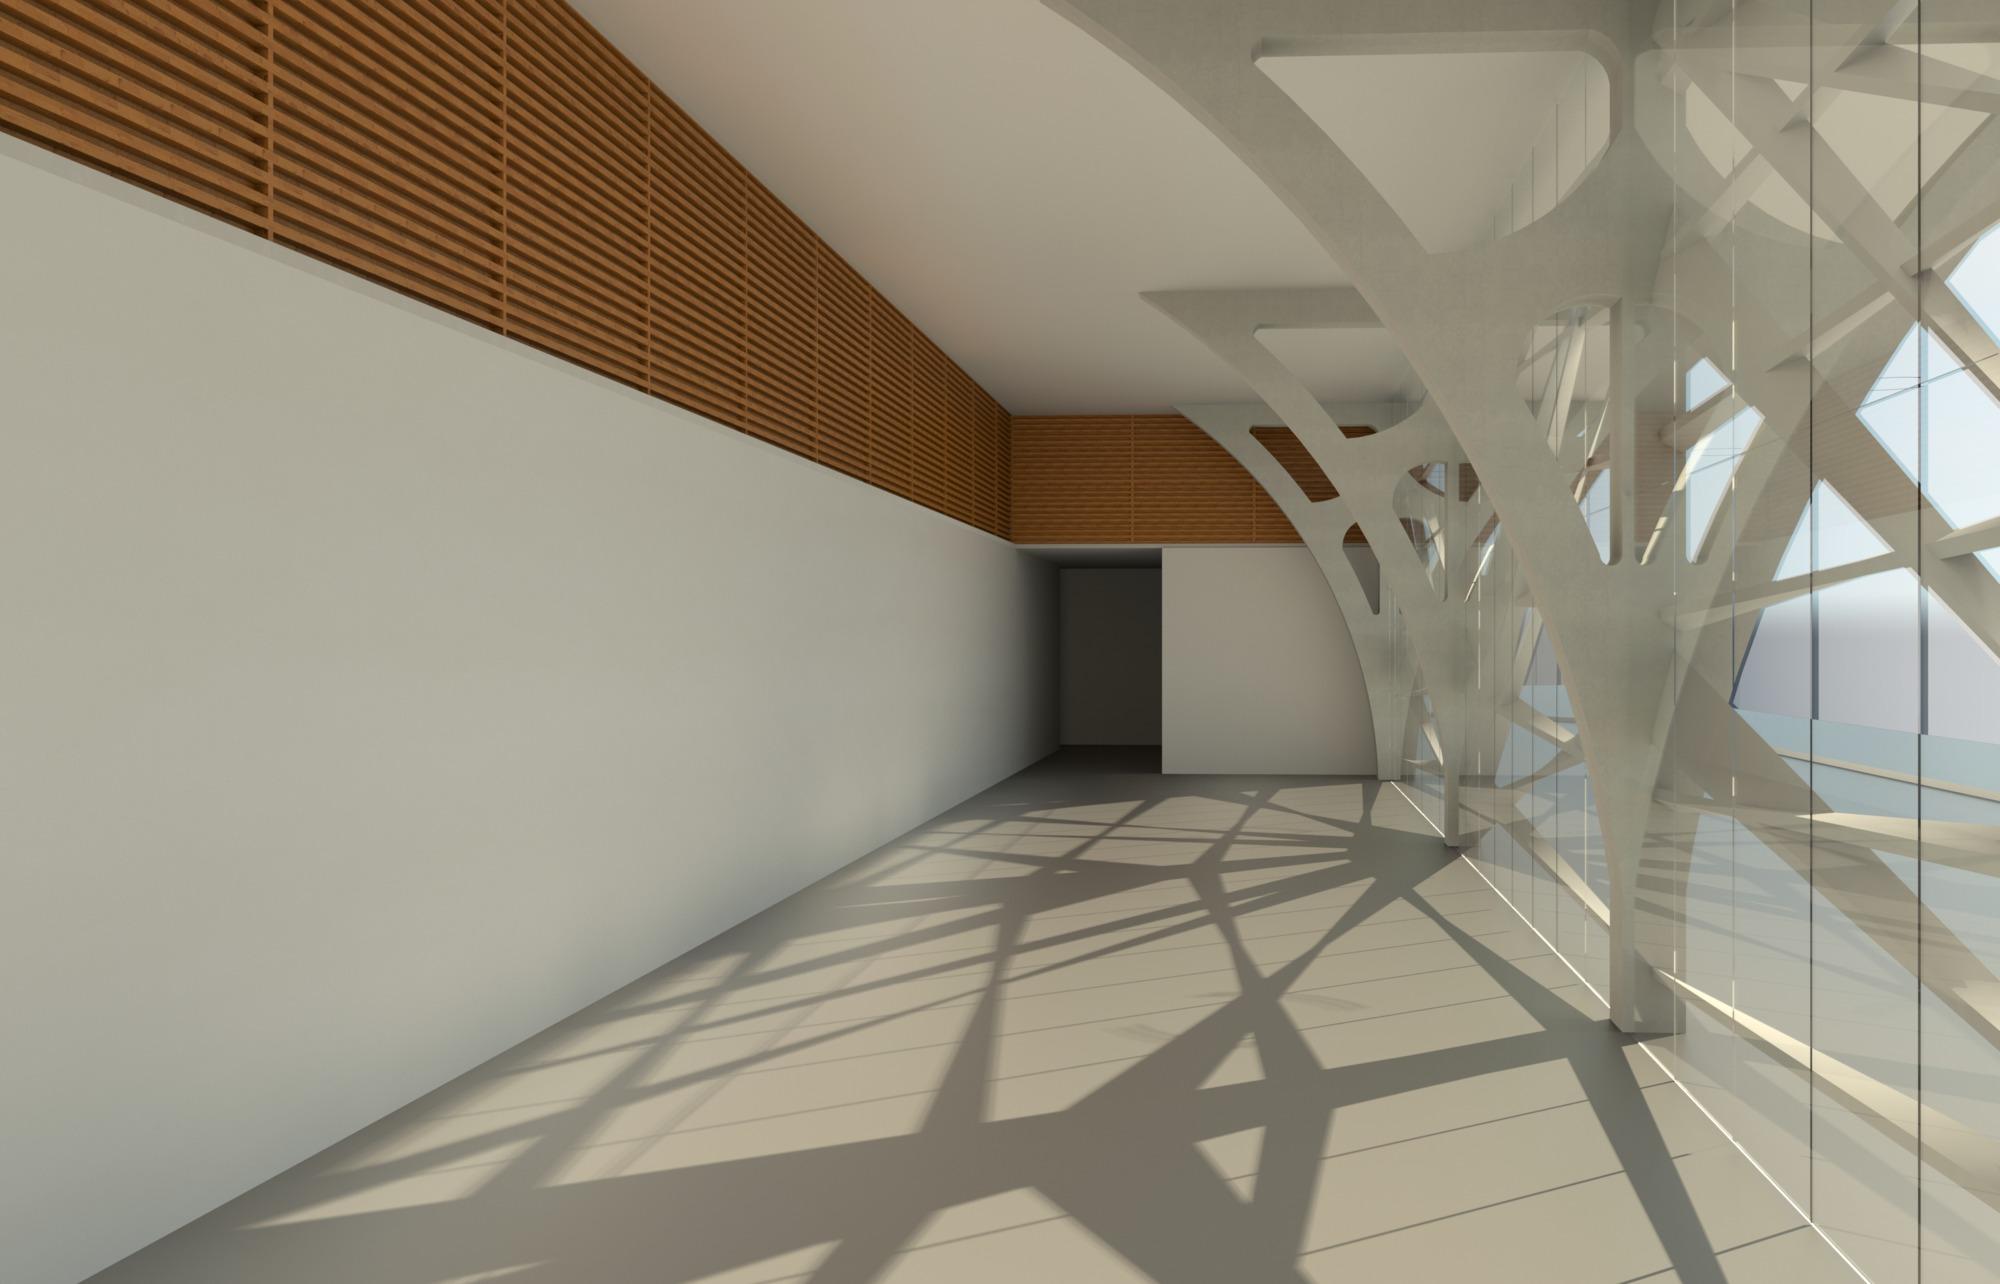 Raas-rendering20150223-18391-pxban4